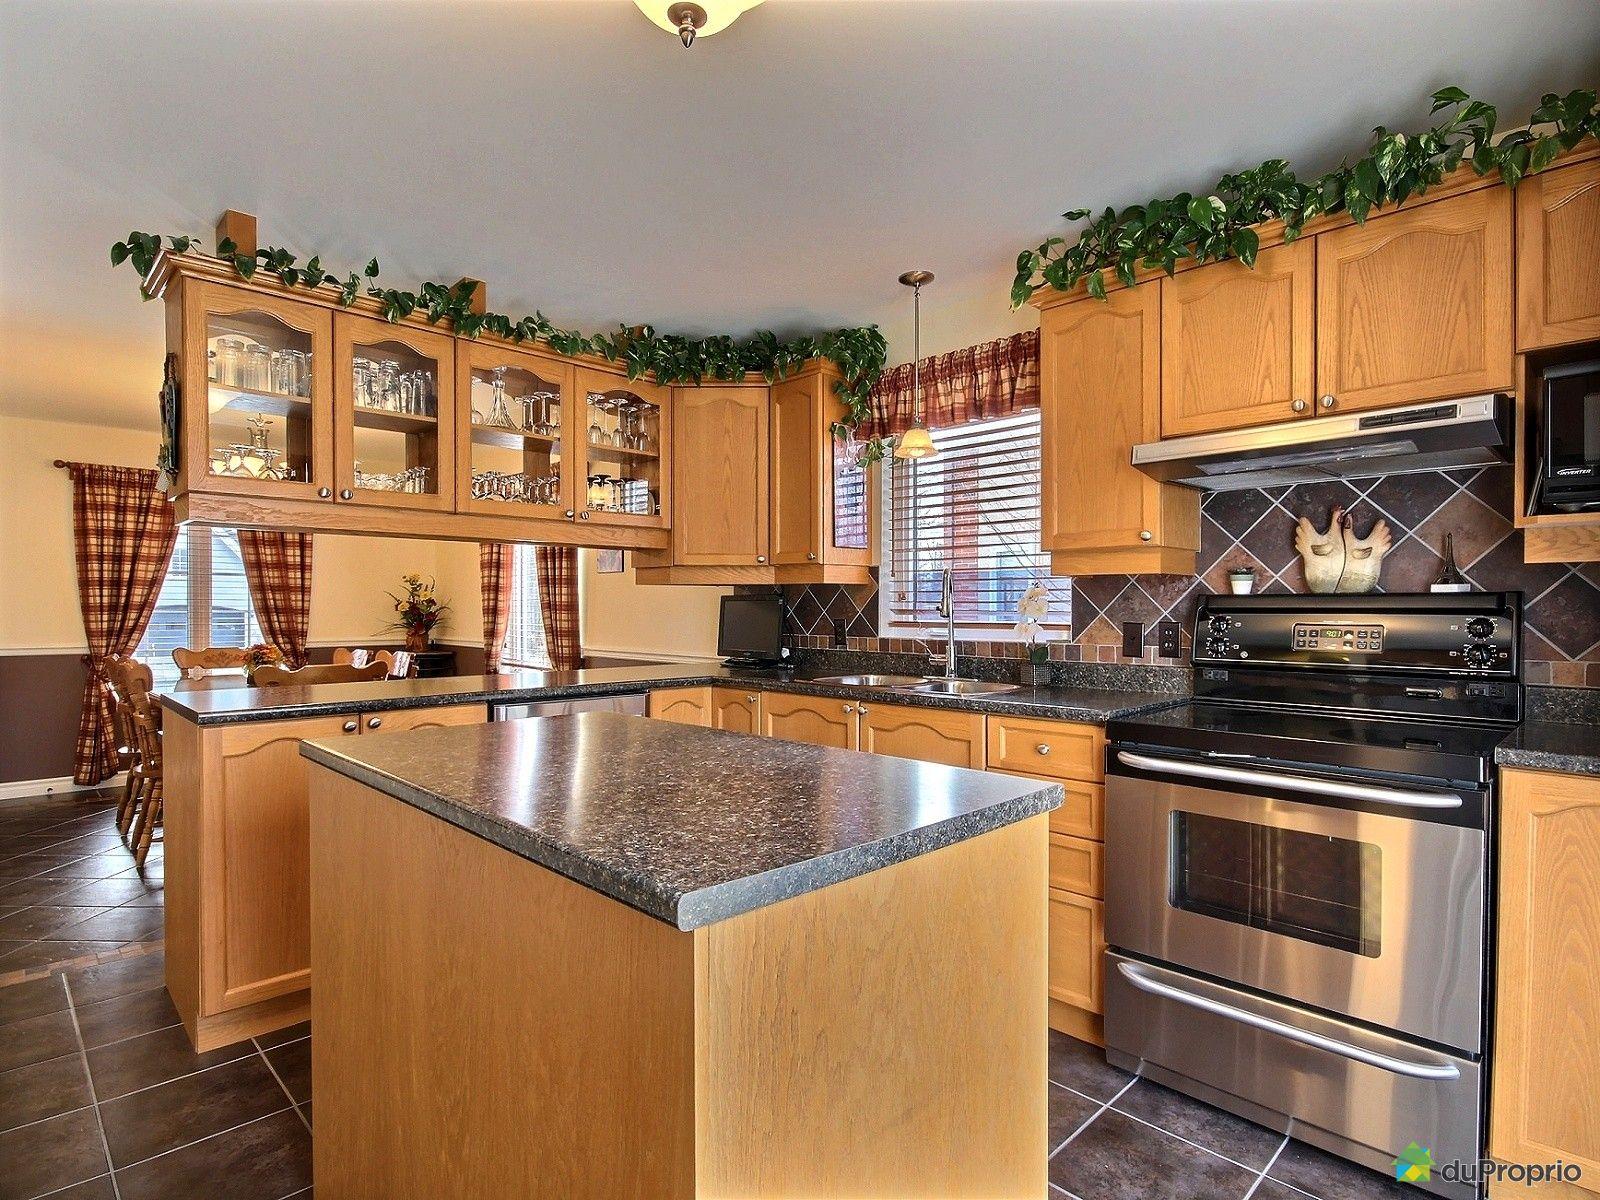 maison vendu st jean sur richelieu immobilier qu bec duproprio 499456. Black Bedroom Furniture Sets. Home Design Ideas